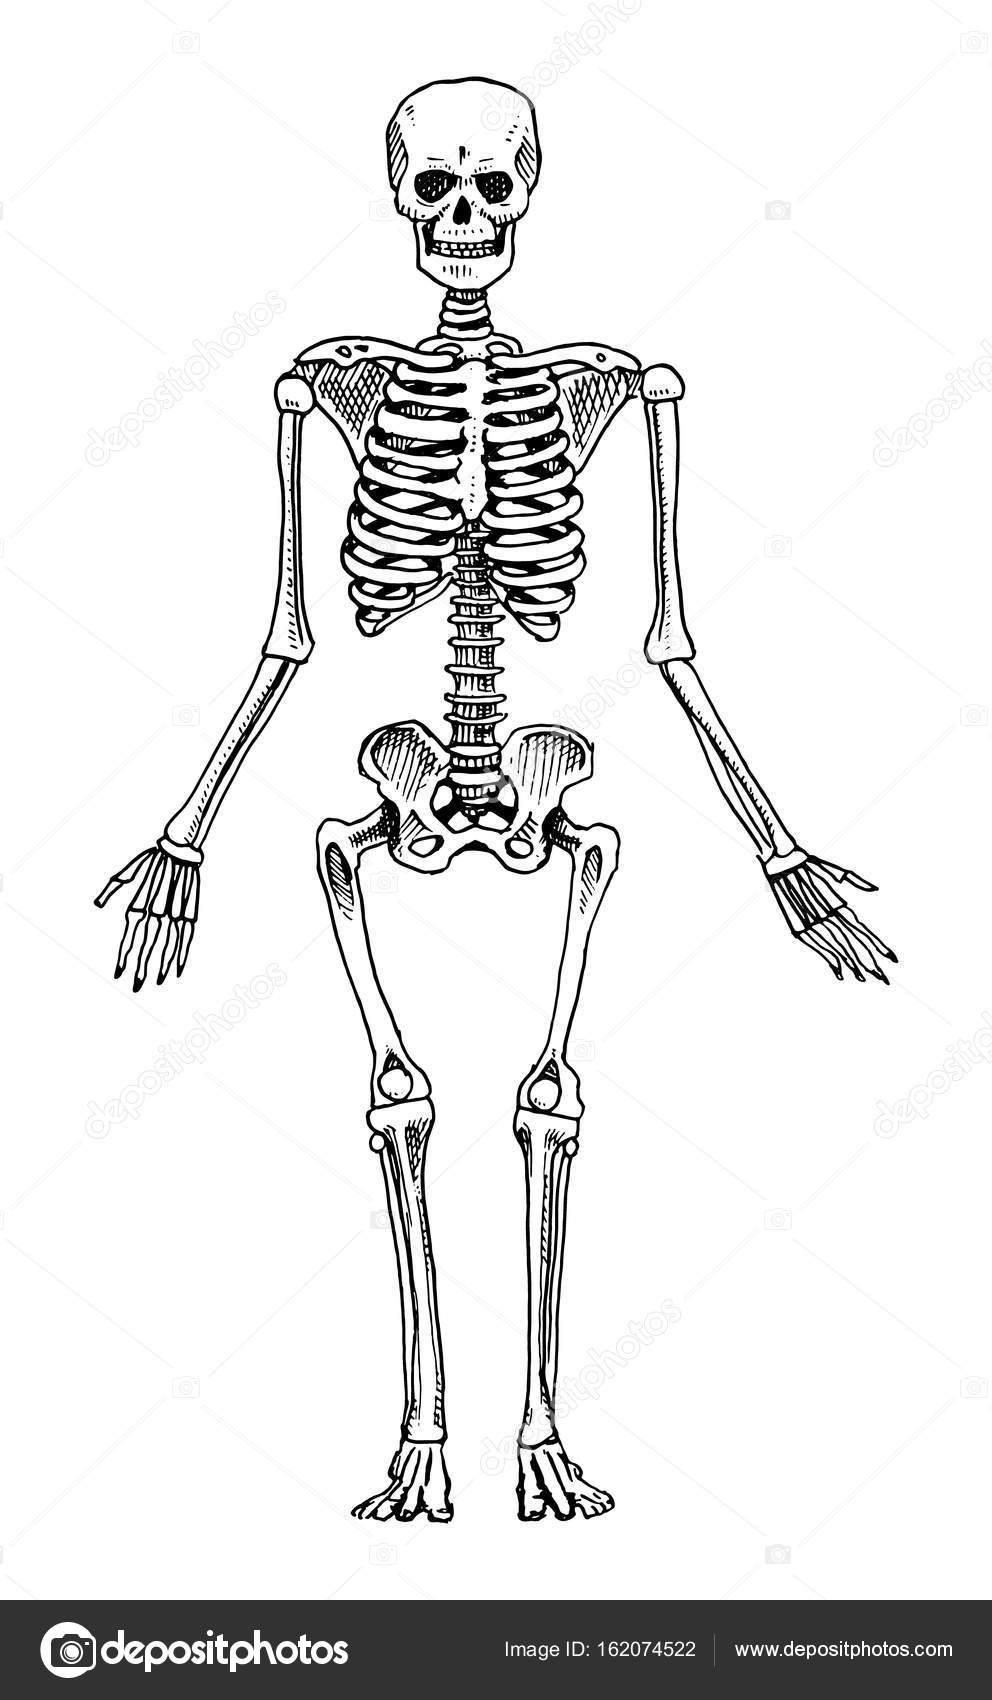 Humanbiologie, Anatomie Abbildung. gravierte handgezeichnete im ...